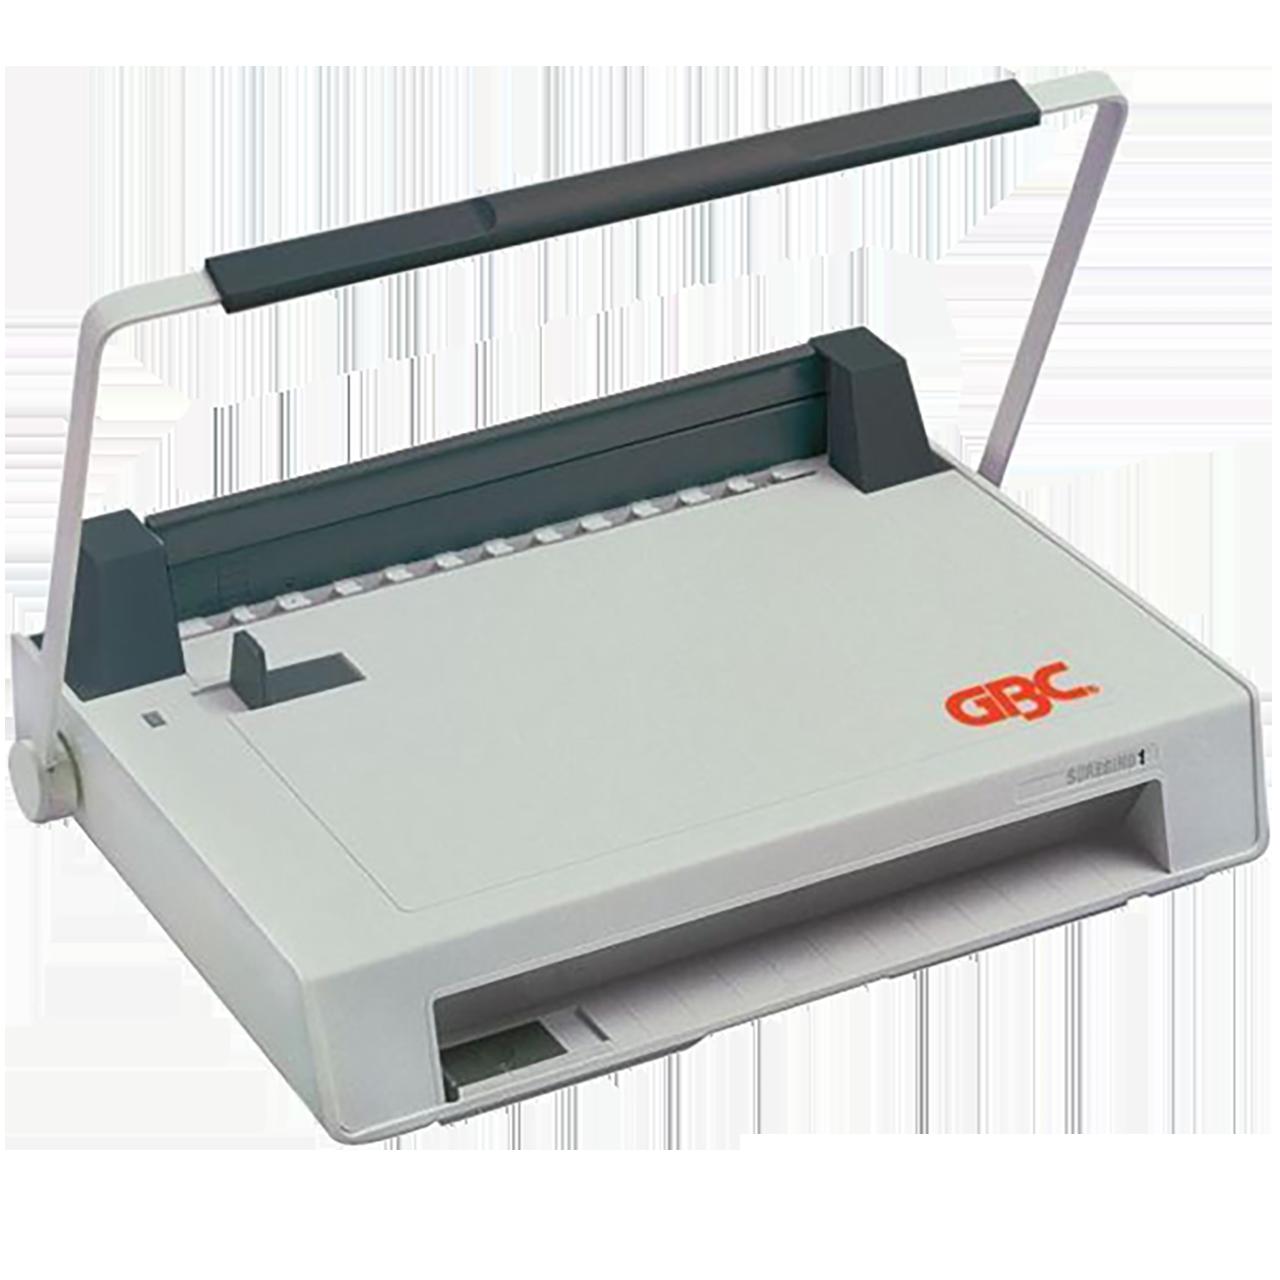 SureBind GBC SureBind System 1